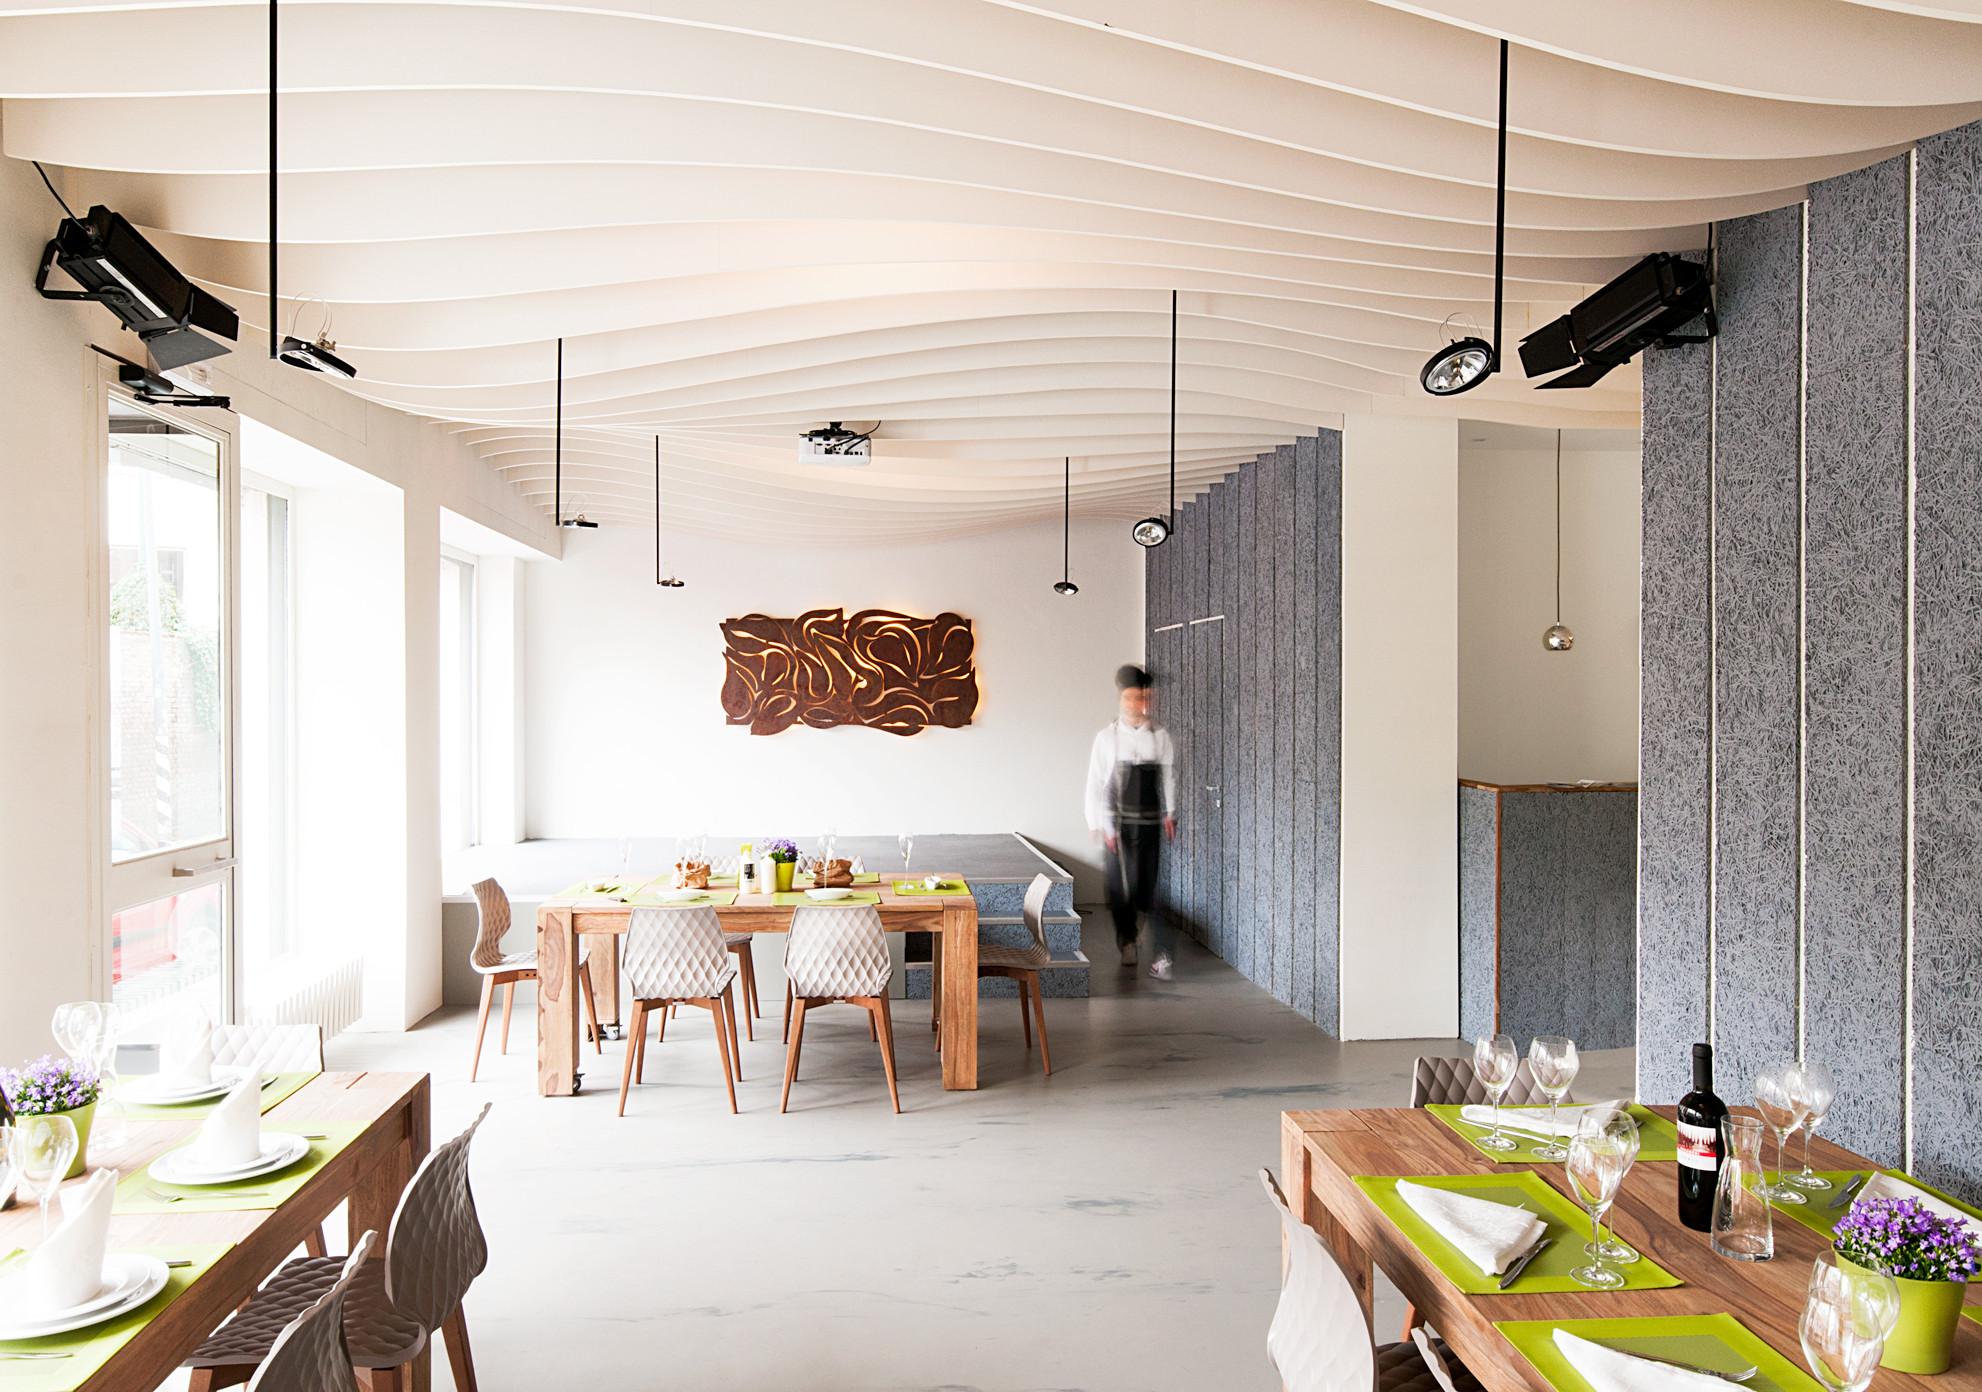 QKING / Modourbano Architettura, © Simone Bossi